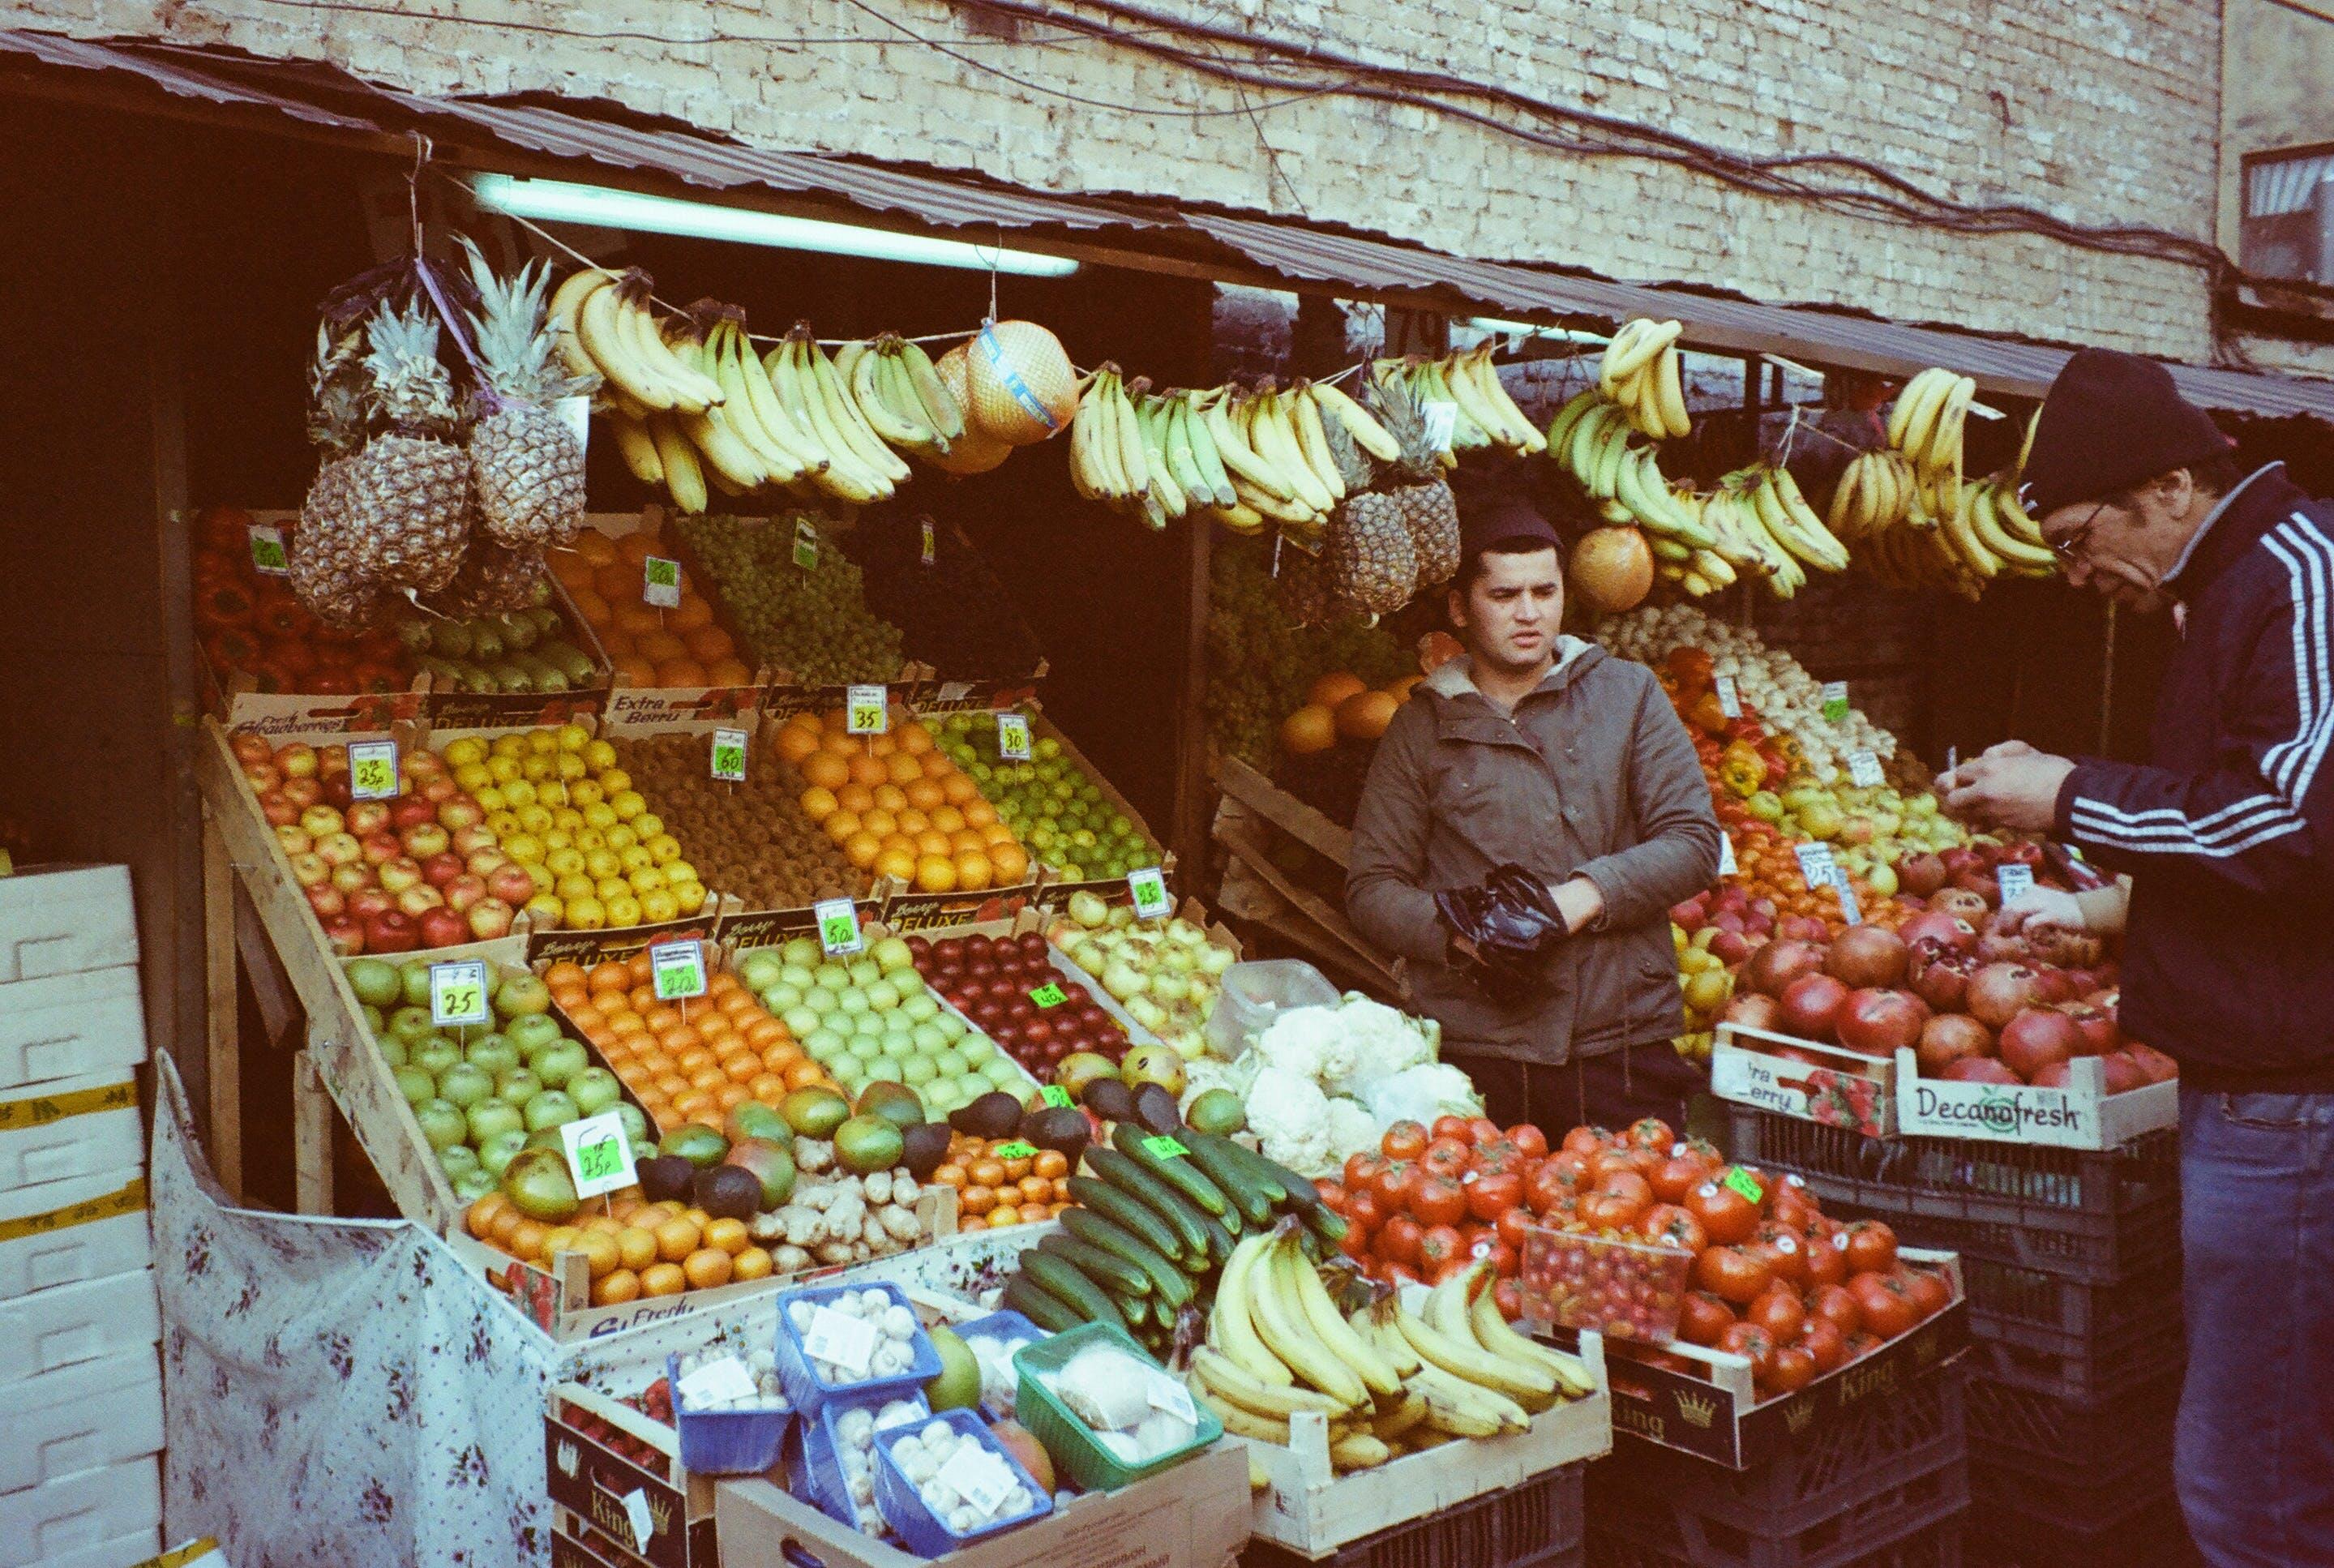 Gratis lagerfoto af aktier, assorteret, bod, frisk grøntsag